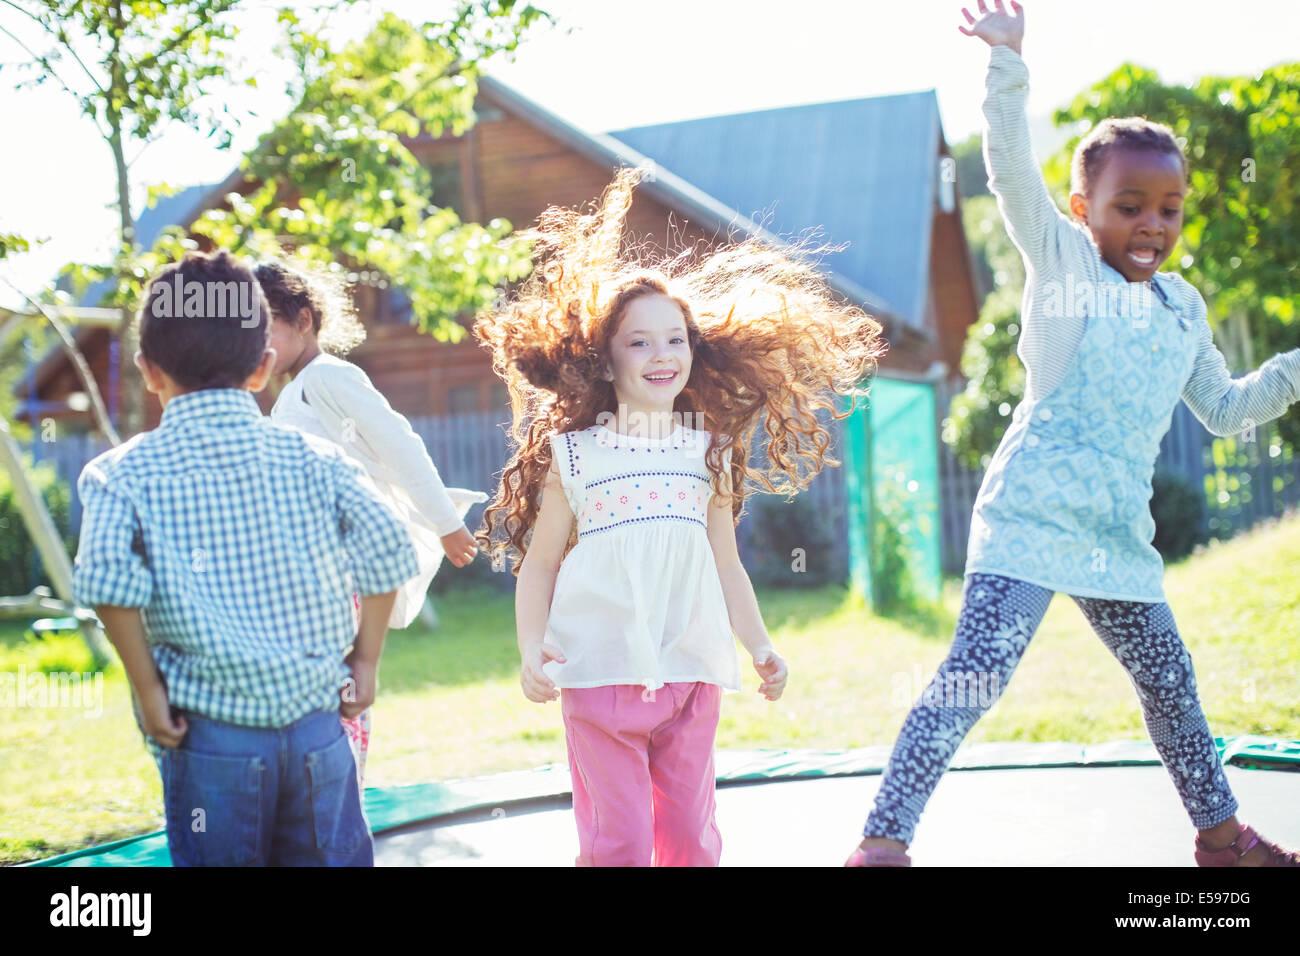 Les enfants de sauter sur le trampoline à l'extérieur Photo Stock